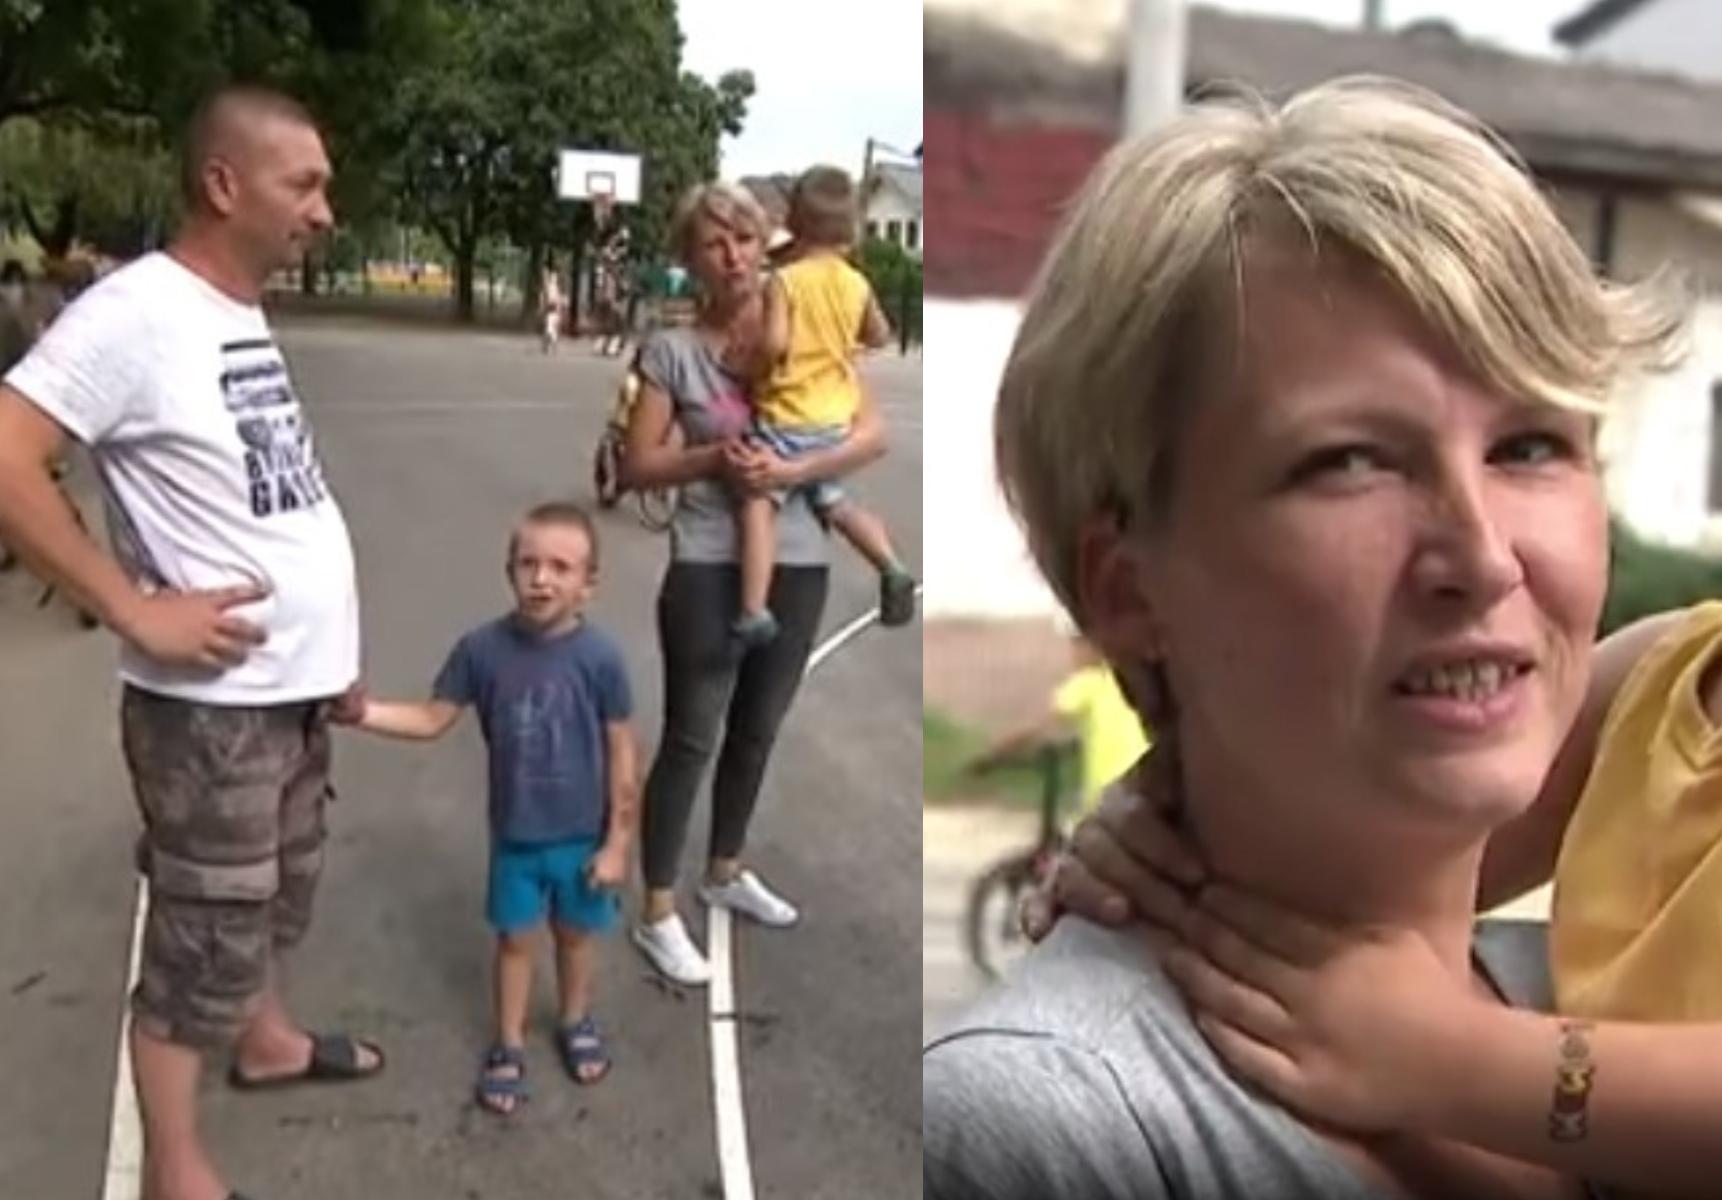 Obratili su nam se roditelji odgojitelji iz RTL-ovog priloga: 'Nismo paraziti zato što želimo sudjelovati u odgoju svoje djece!'